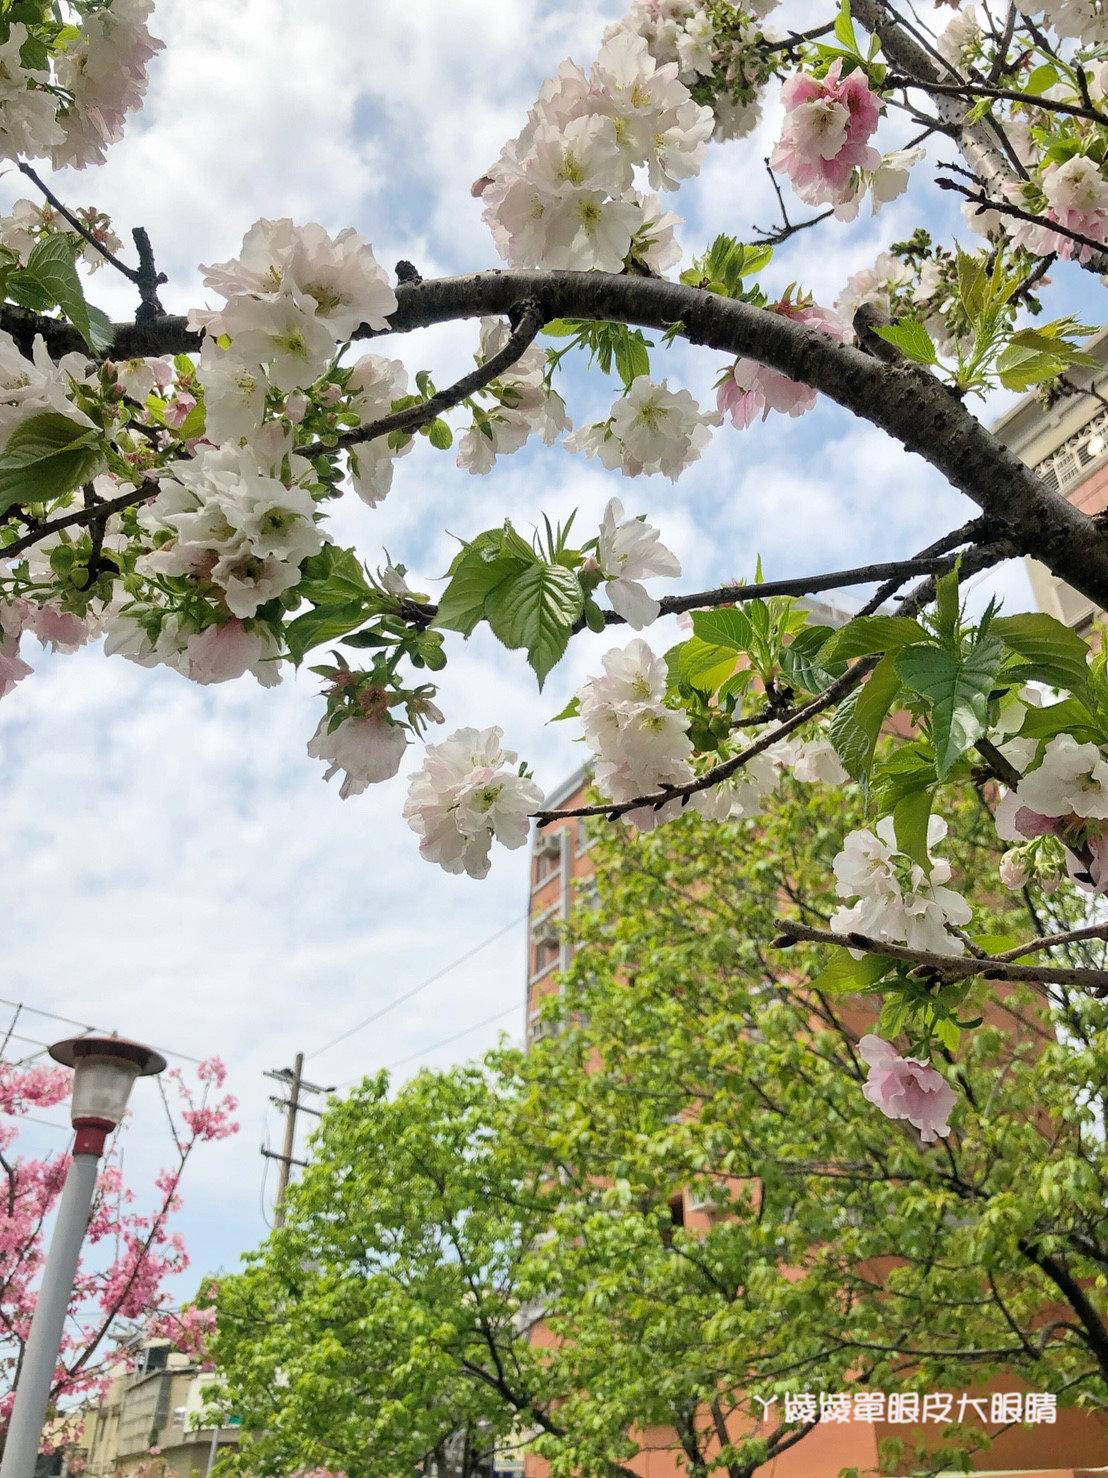 新竹免費賞櫻新熱點|新竹東南街櫻花步道,建華里粉紅色小徑最新花況